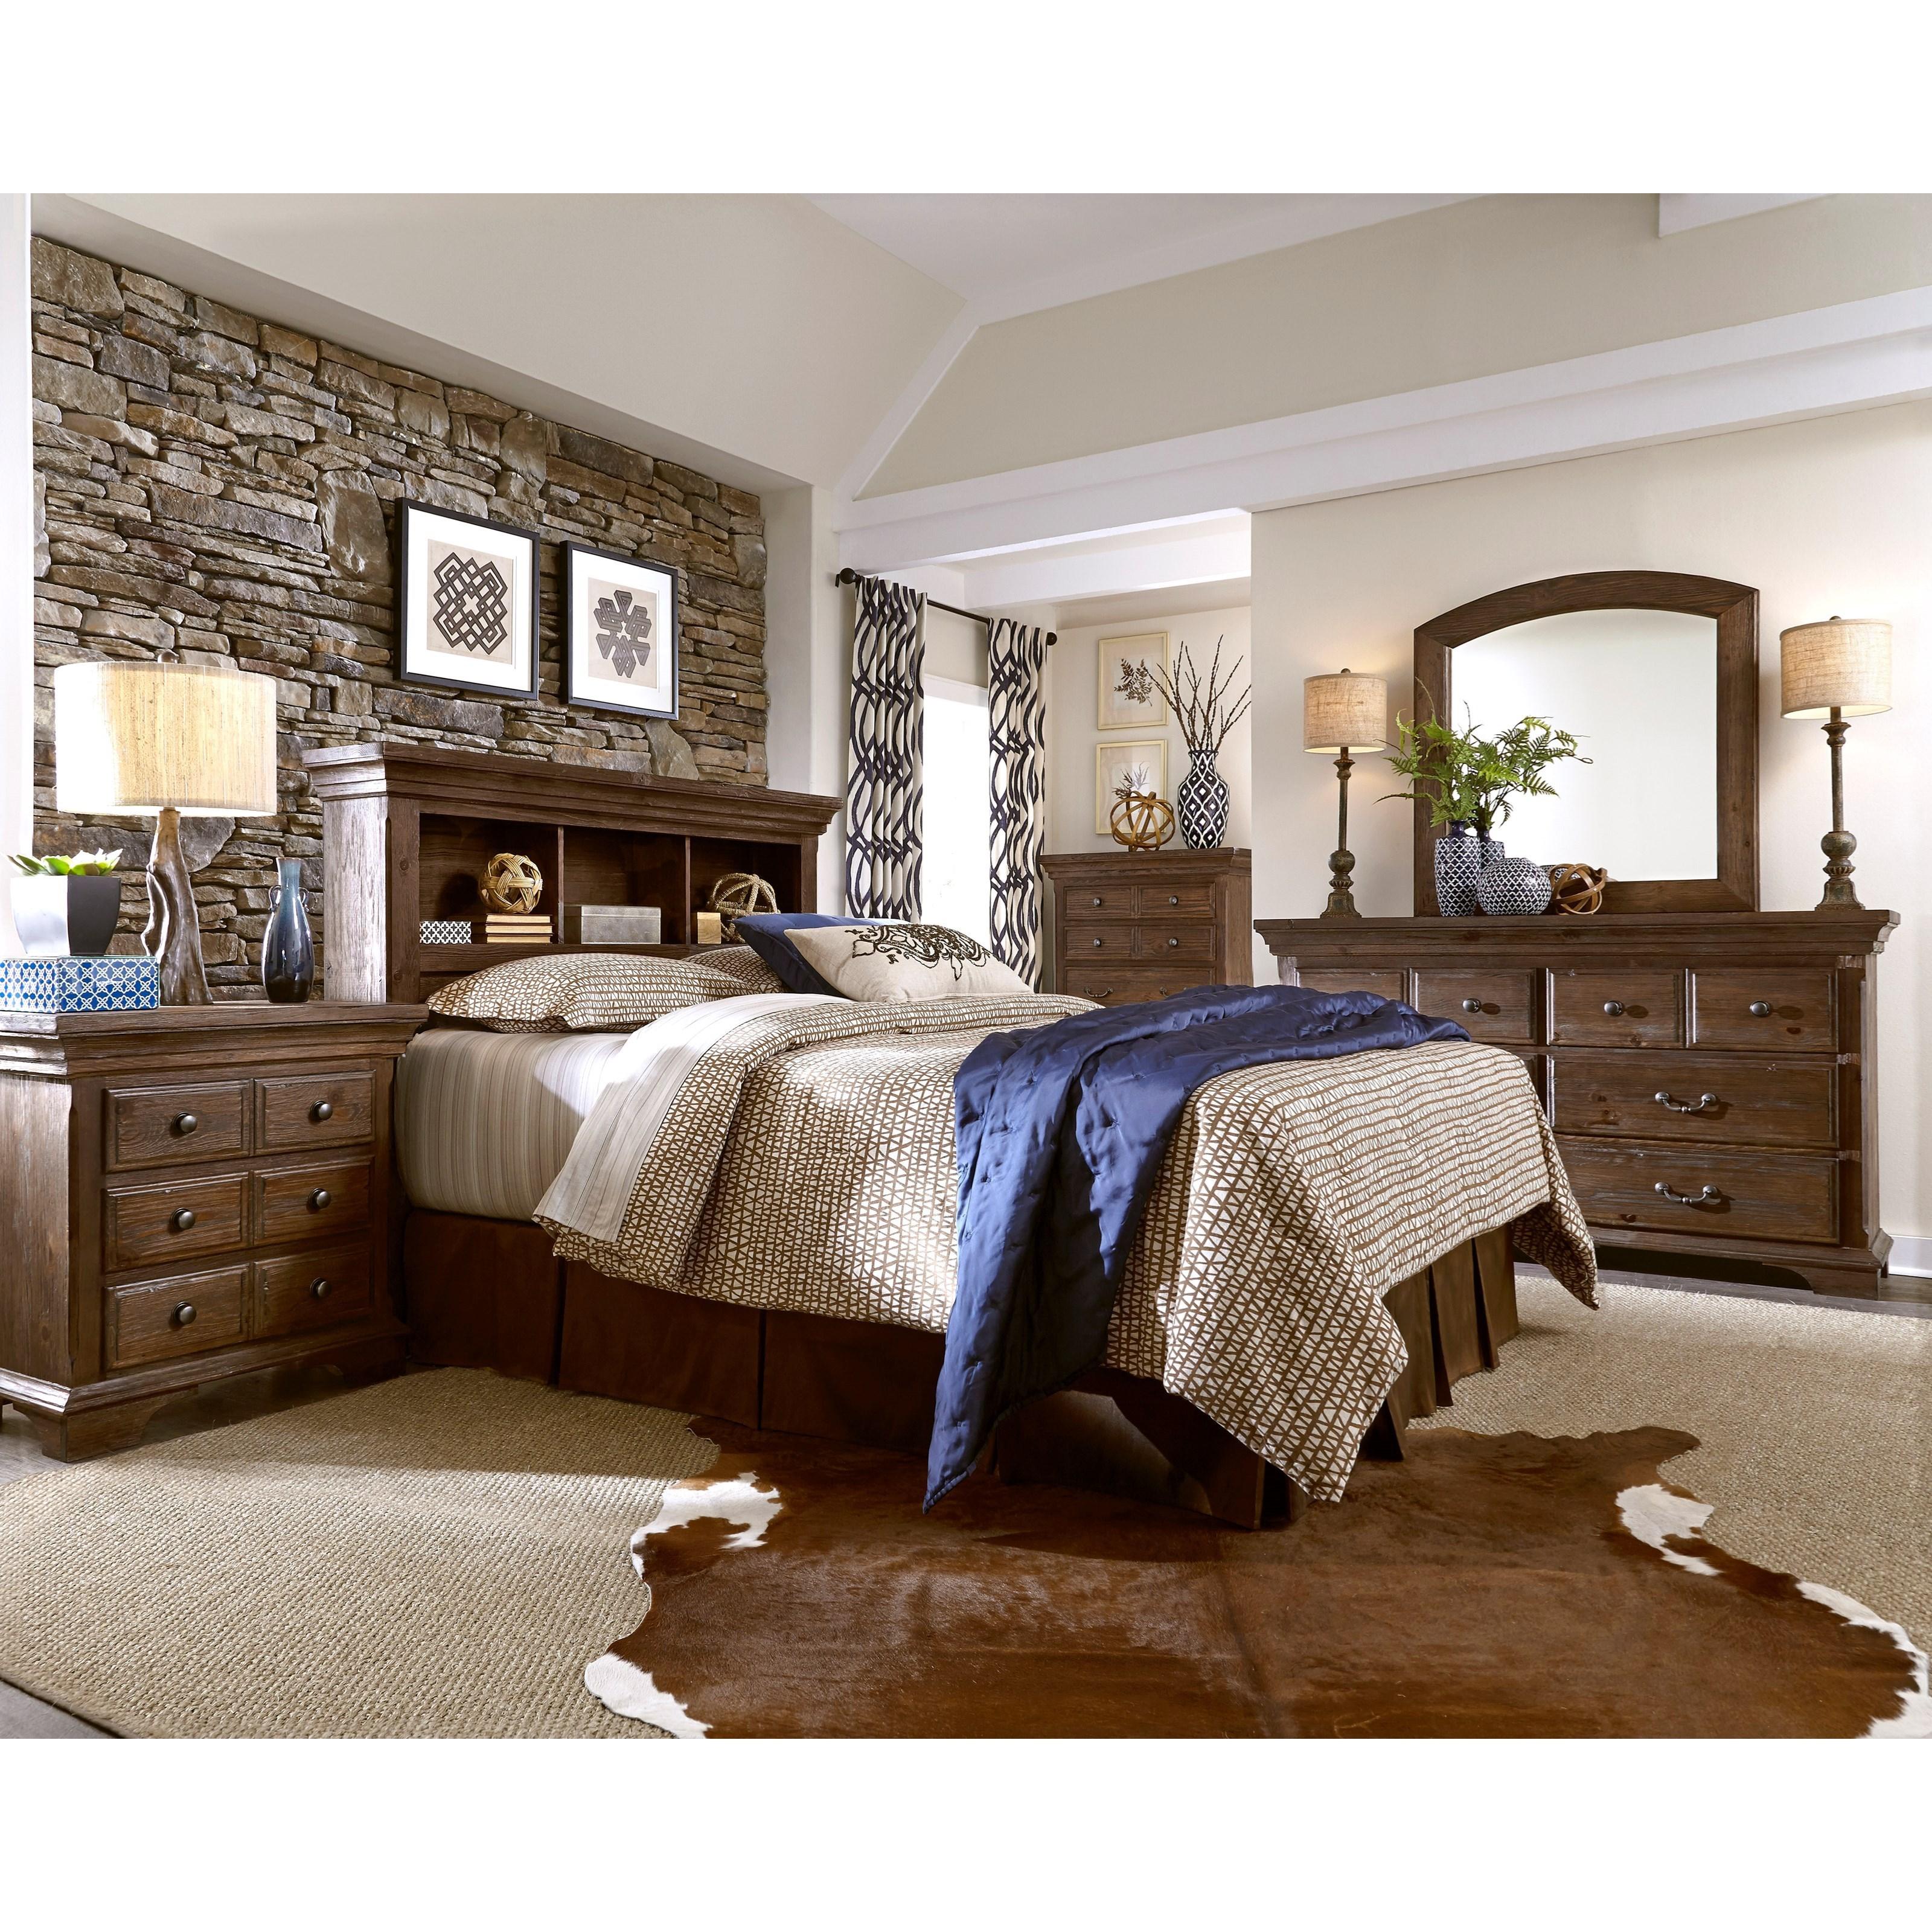 Progressive furniture copenhagen king bedroom group for Bedroom furniture companies